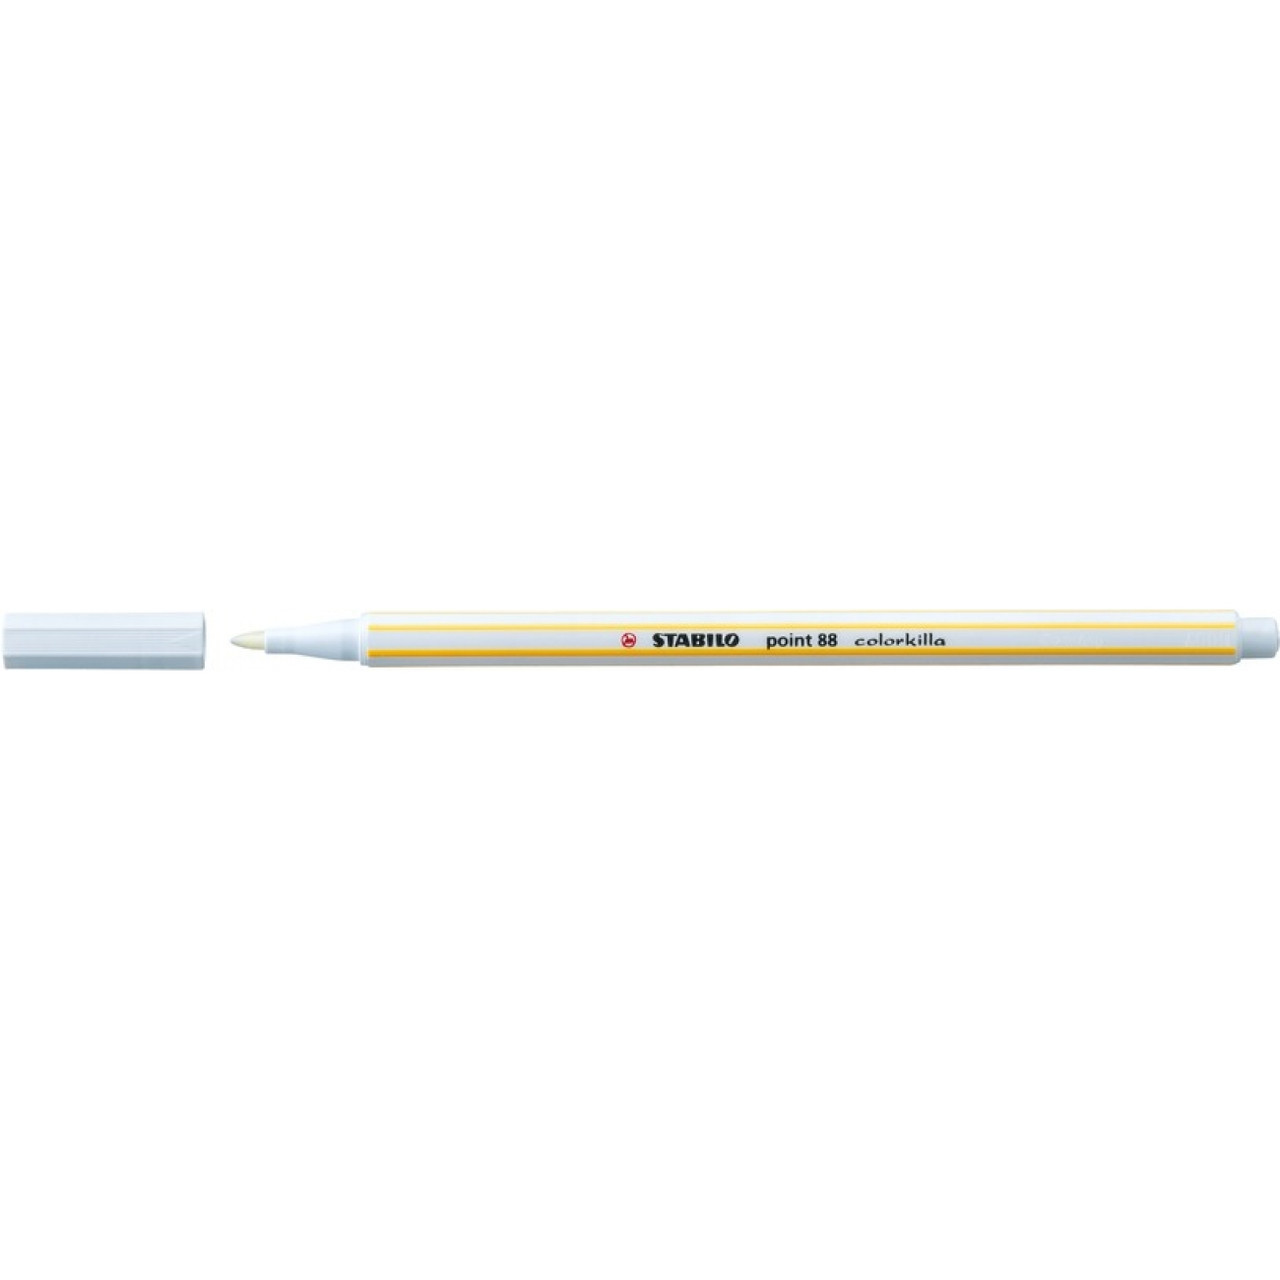 Ручка капиллярная STABILO point 88 файнлайнер со стирающими чернилами, 10 шт в уп. 88/00